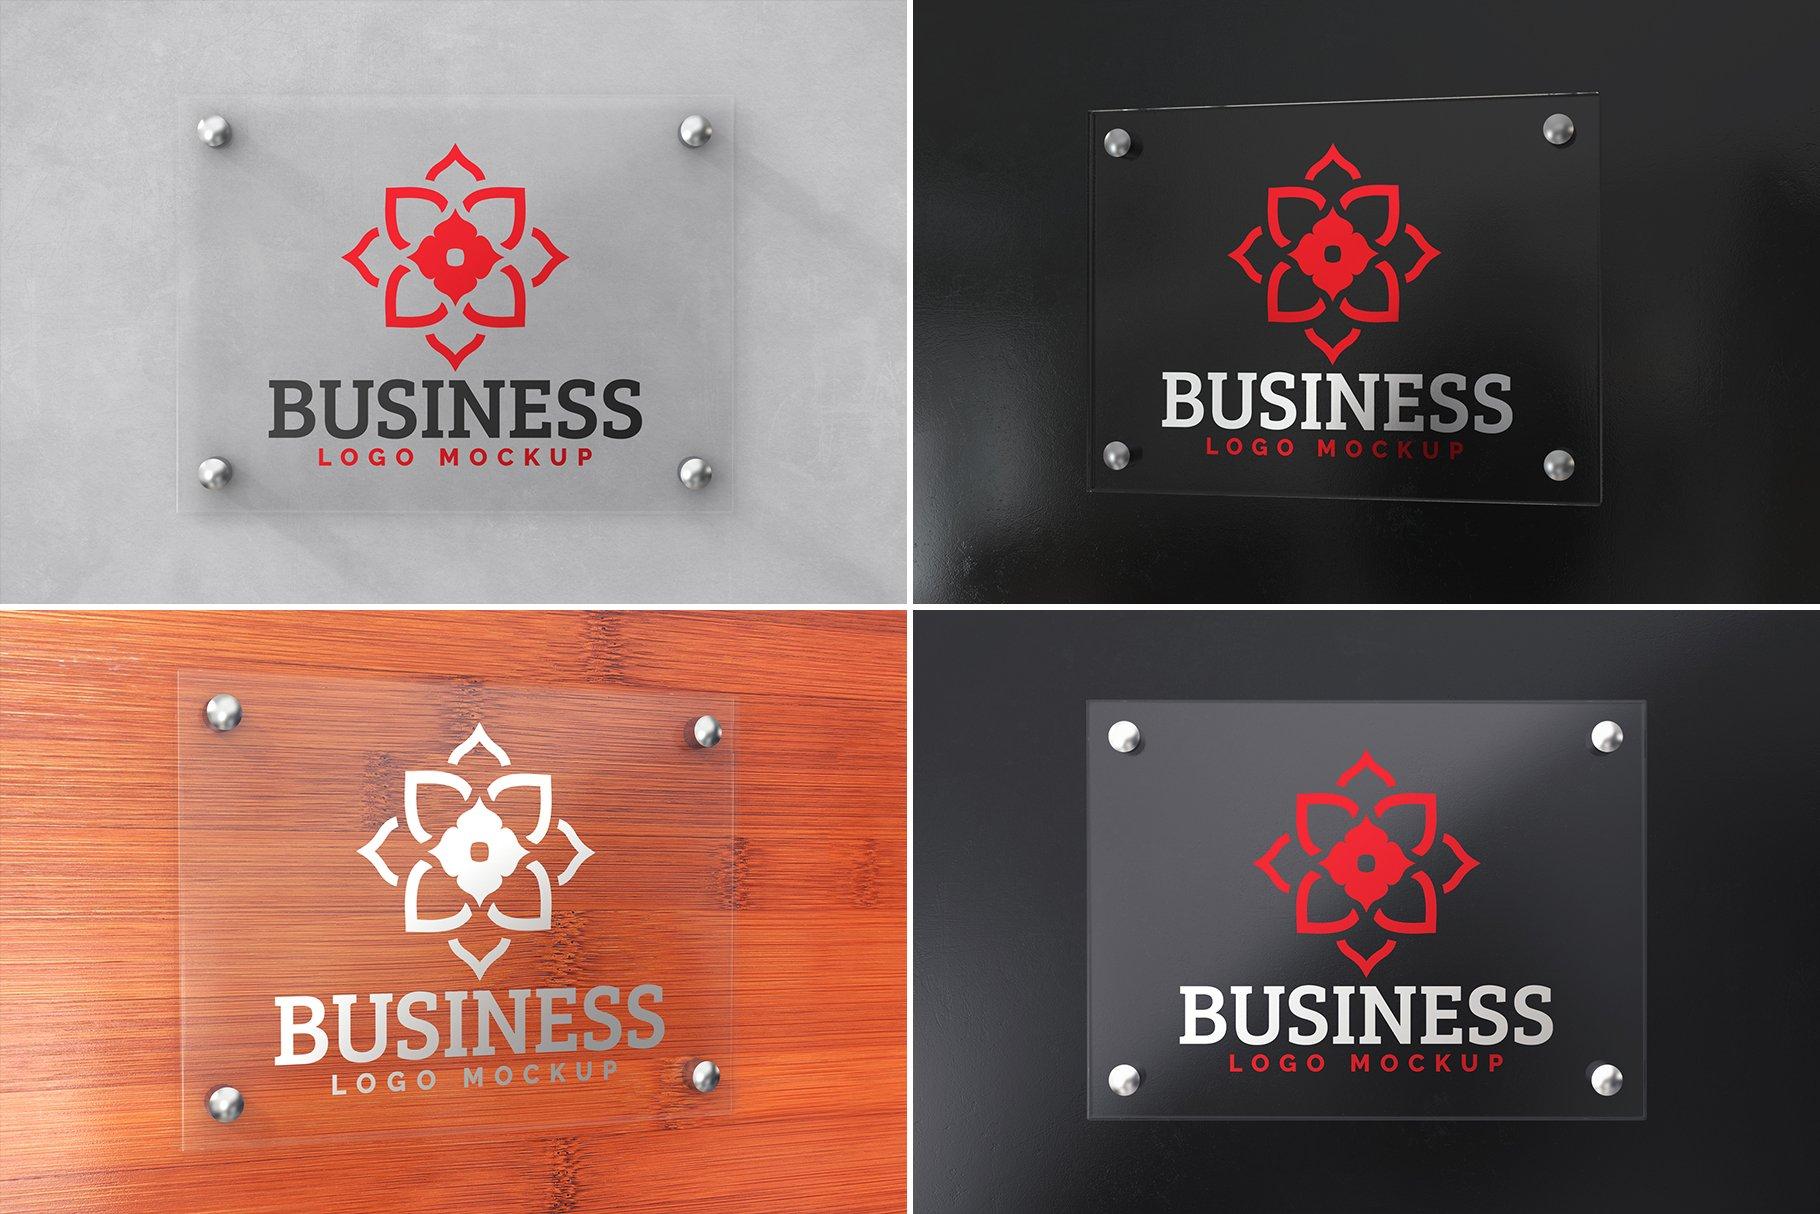 100款品牌标志LOGO徽标设计展示样机模板合集 100 Logo Mockups Bundle Vol.4插图(25)